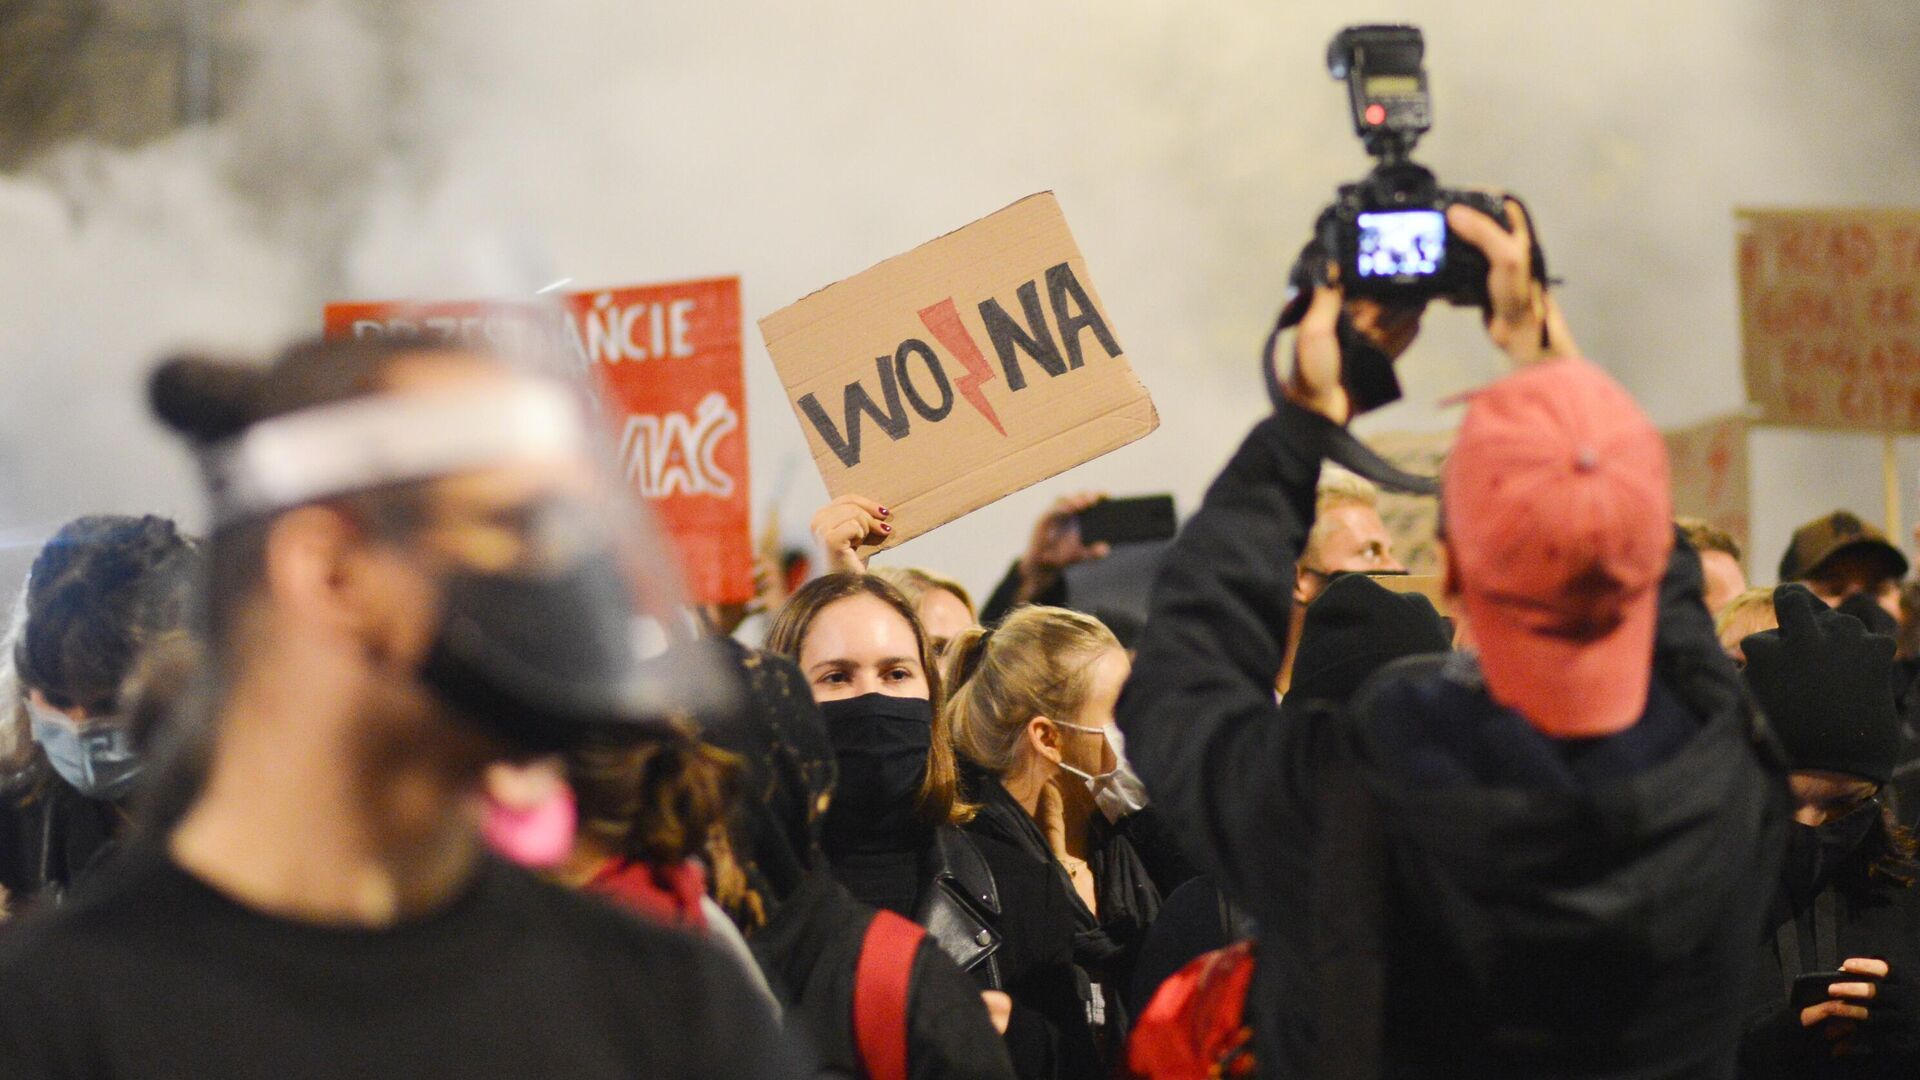 Участники акции протеста против ужесточения законодательства об абортах в Польше - РИА Новости, 1920, 03.11.2020